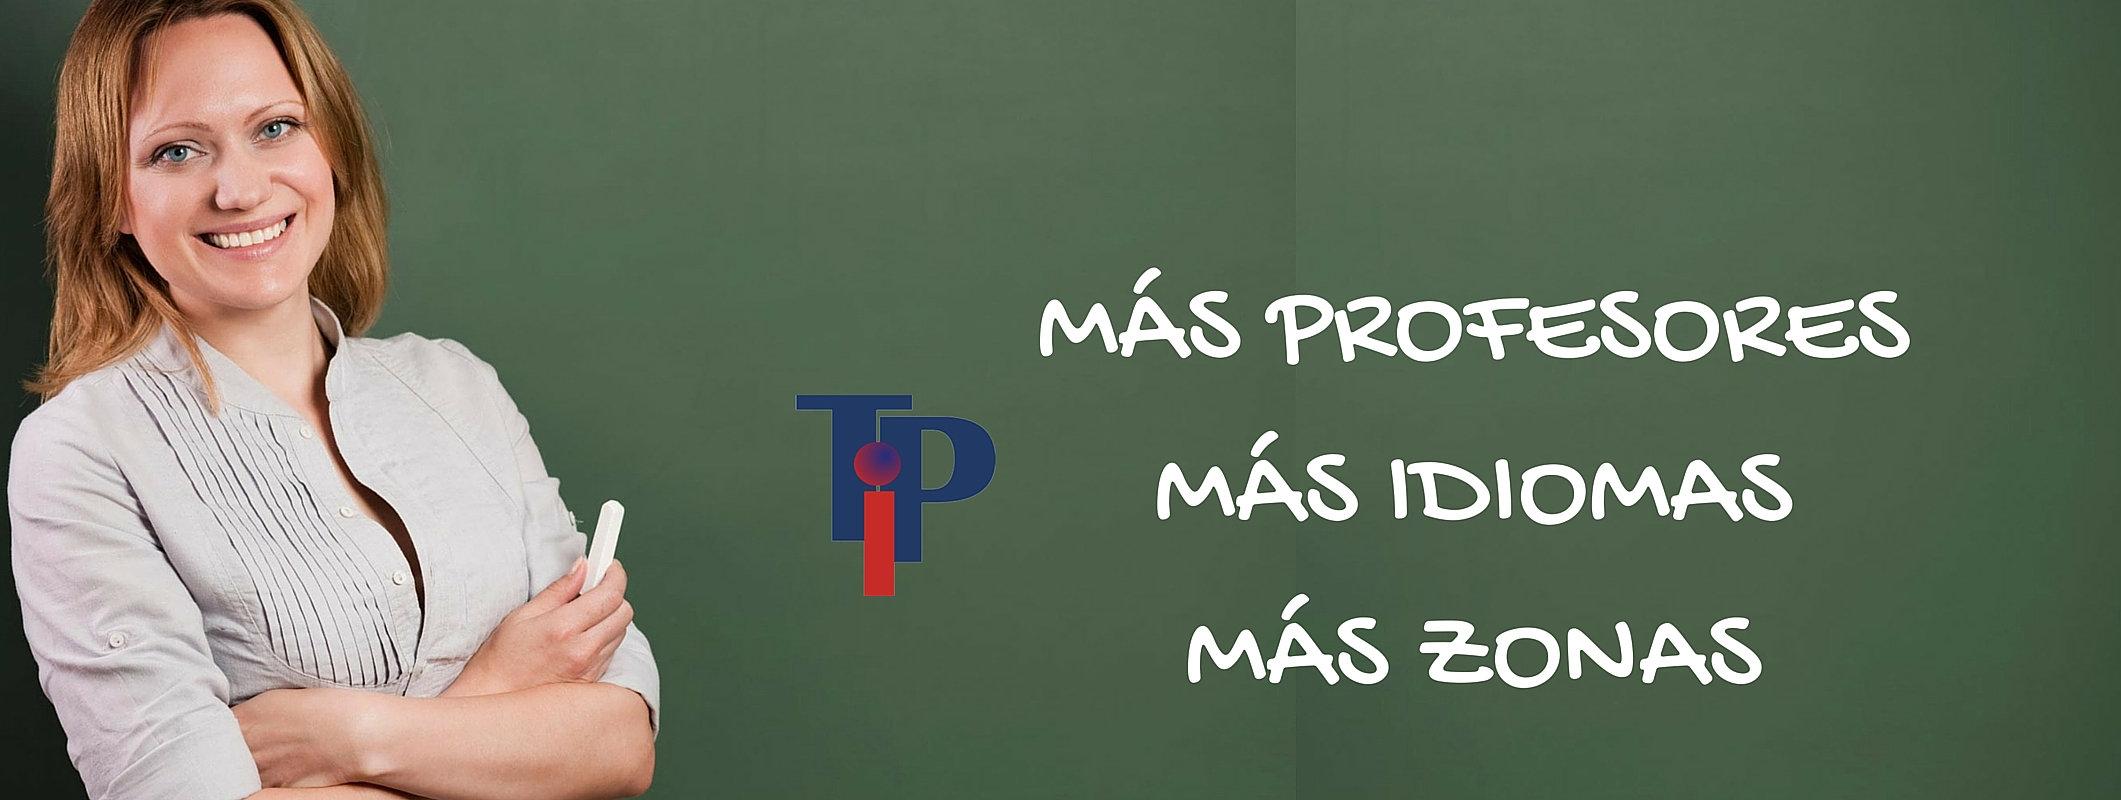 183 moreover Estructura De La Clase moreover Peronal also Pentecostes 1 371 in addition Mariana Rios. on profesores